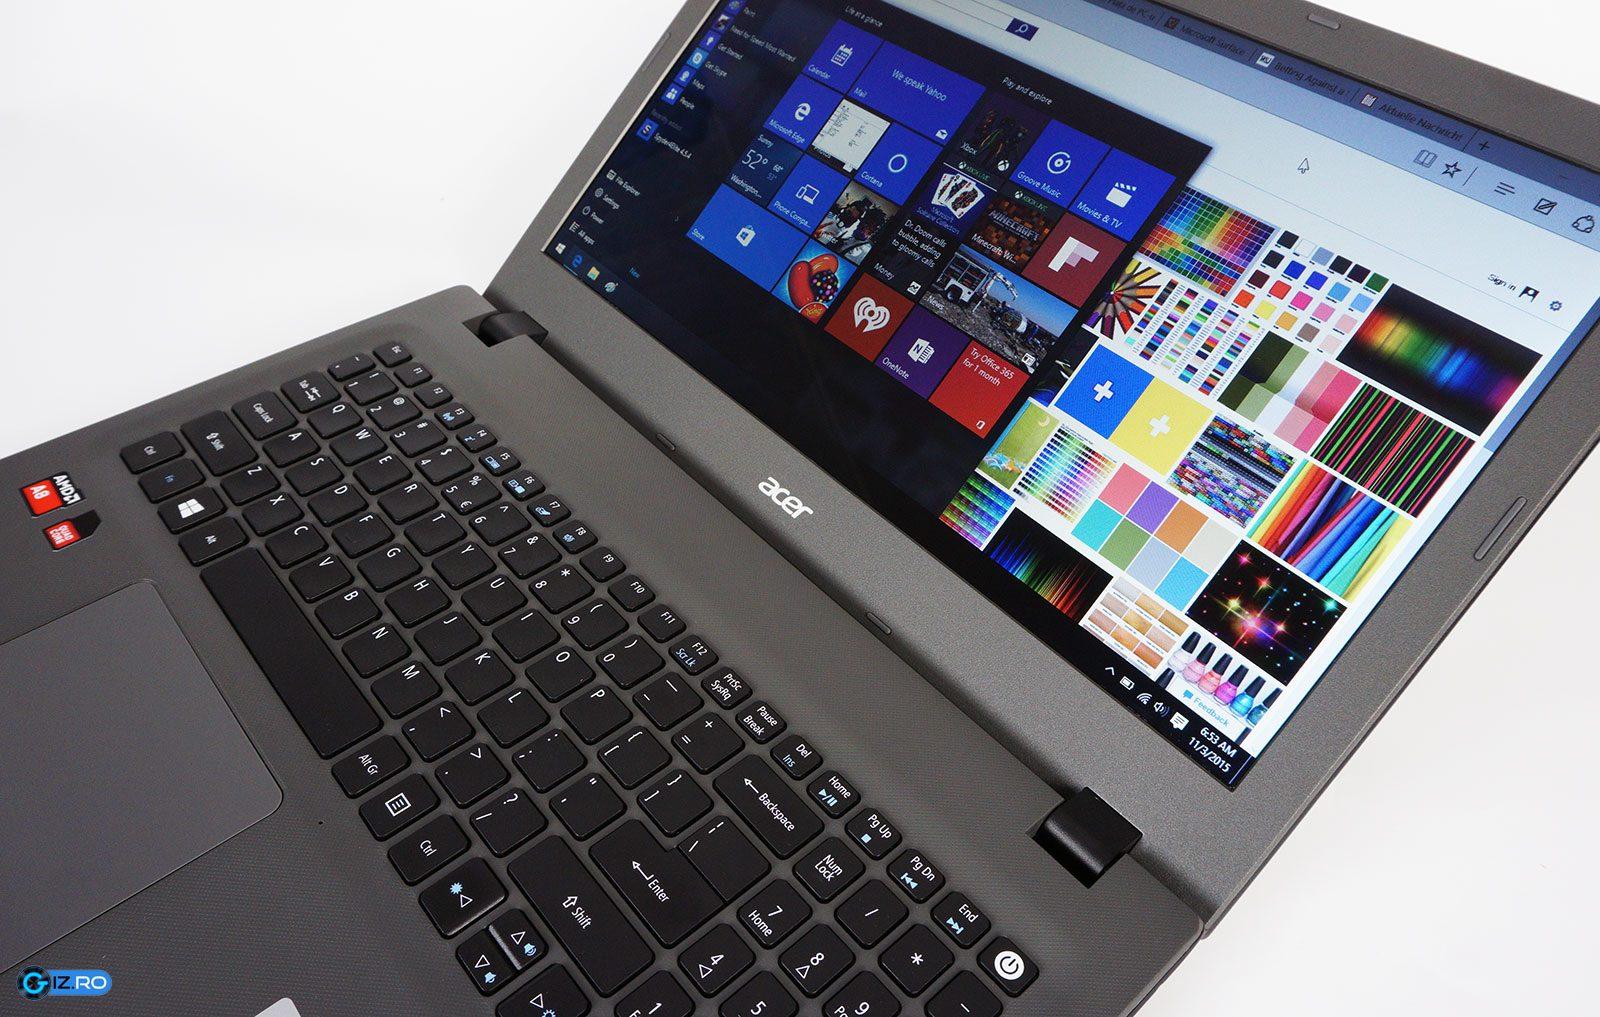 Acer-ul E5-522 este un laptop de buget bunişor, însă preţul său va reprezenta argumentul decisiv pentru un potenţial cumpărător